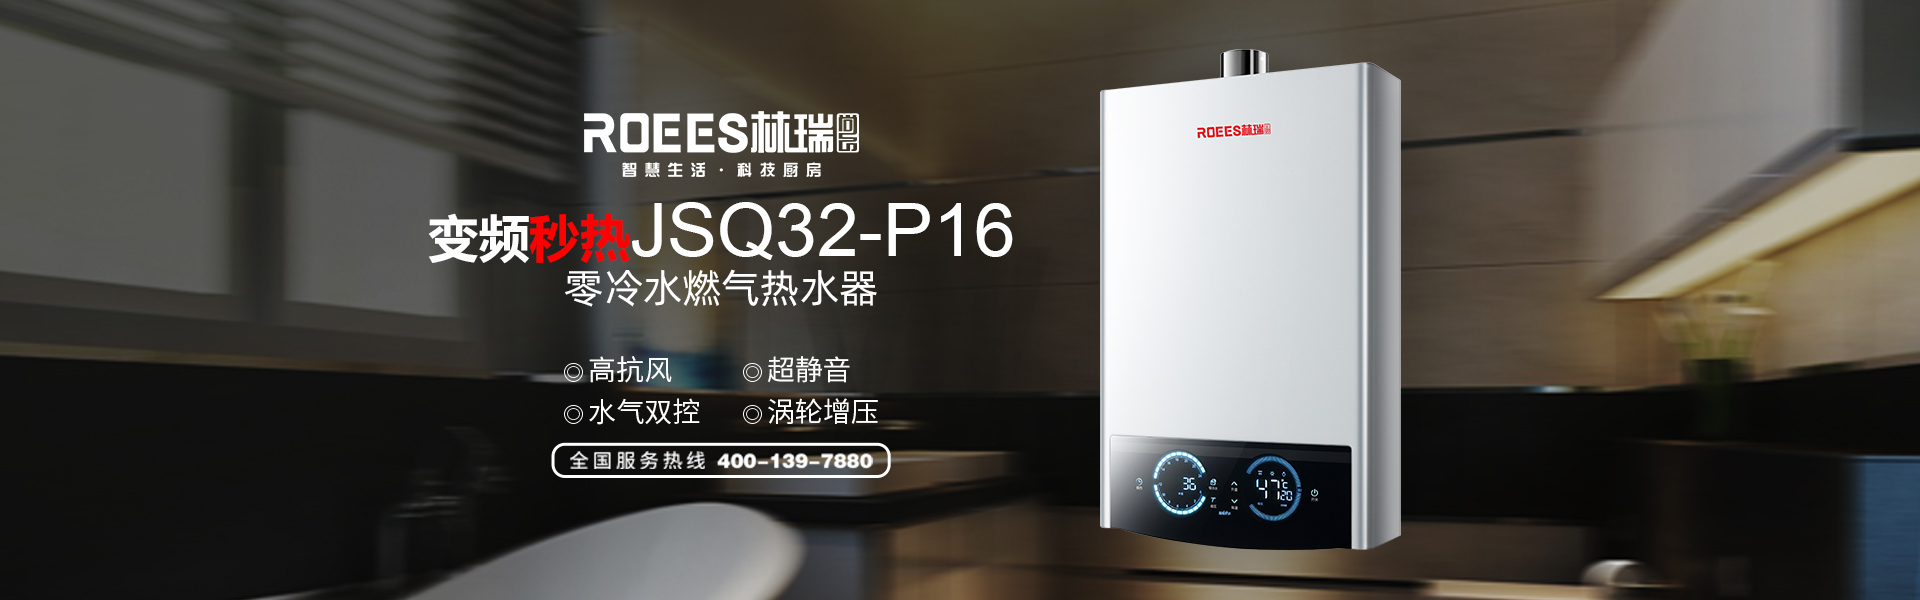 重庆厨房电器招商加盟